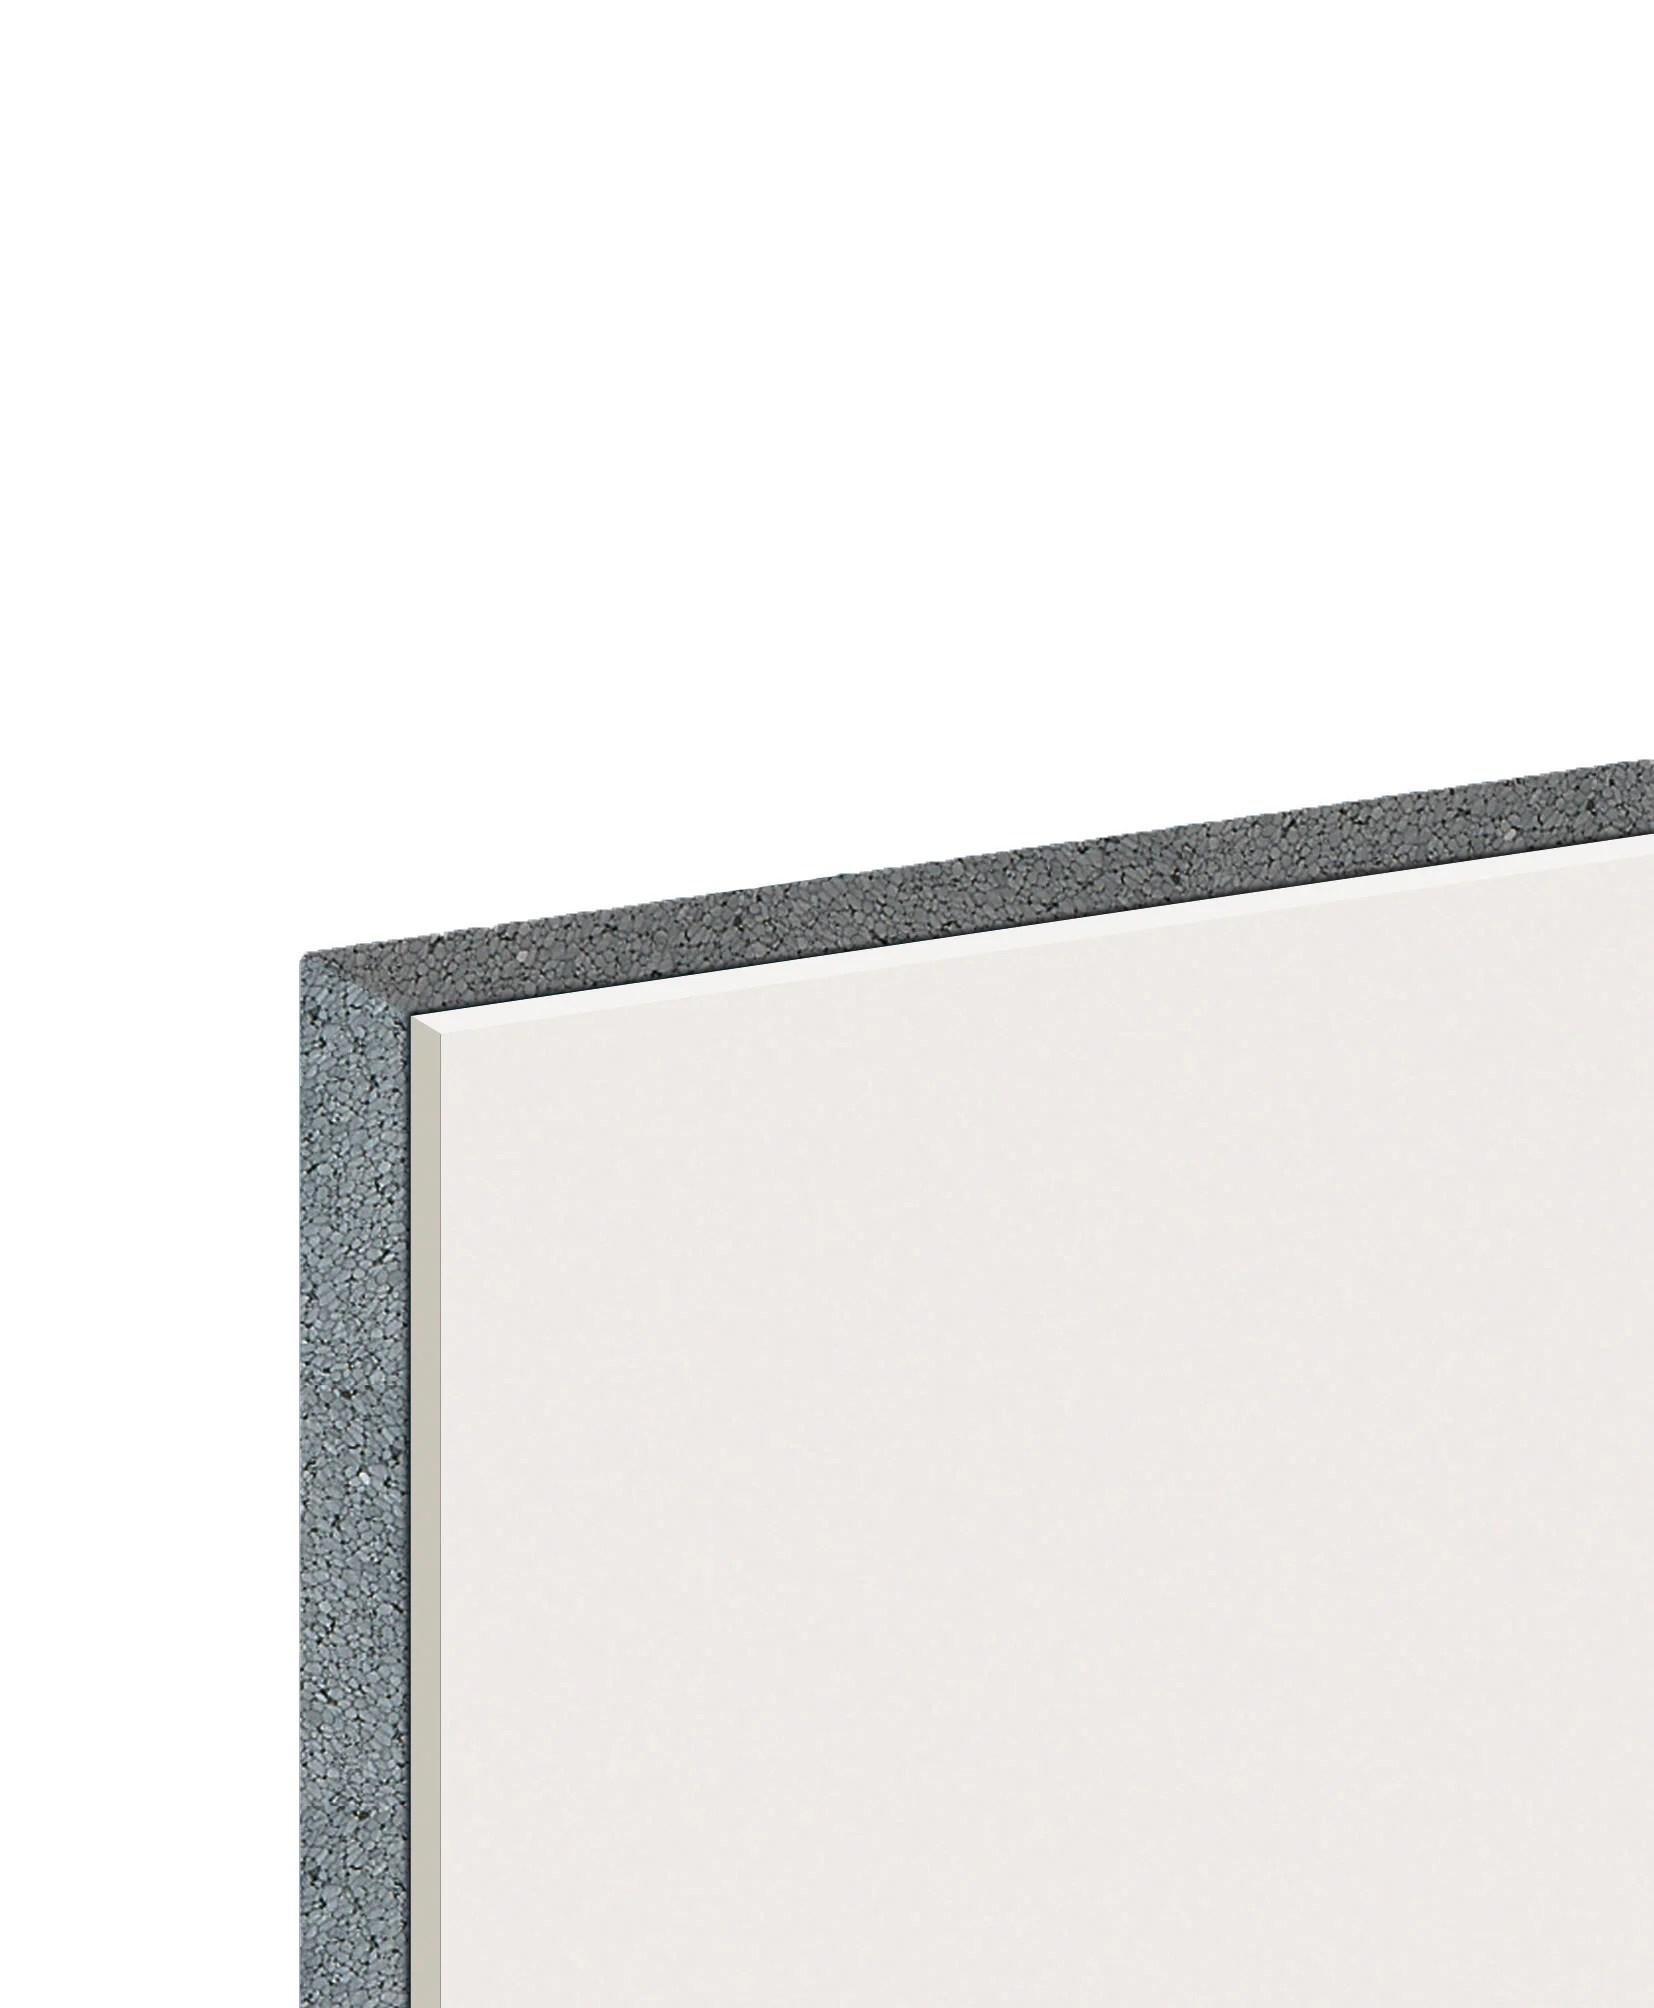 Doublage Avec Plaque De Platre Polystyrene Expanse Leroy Merlin